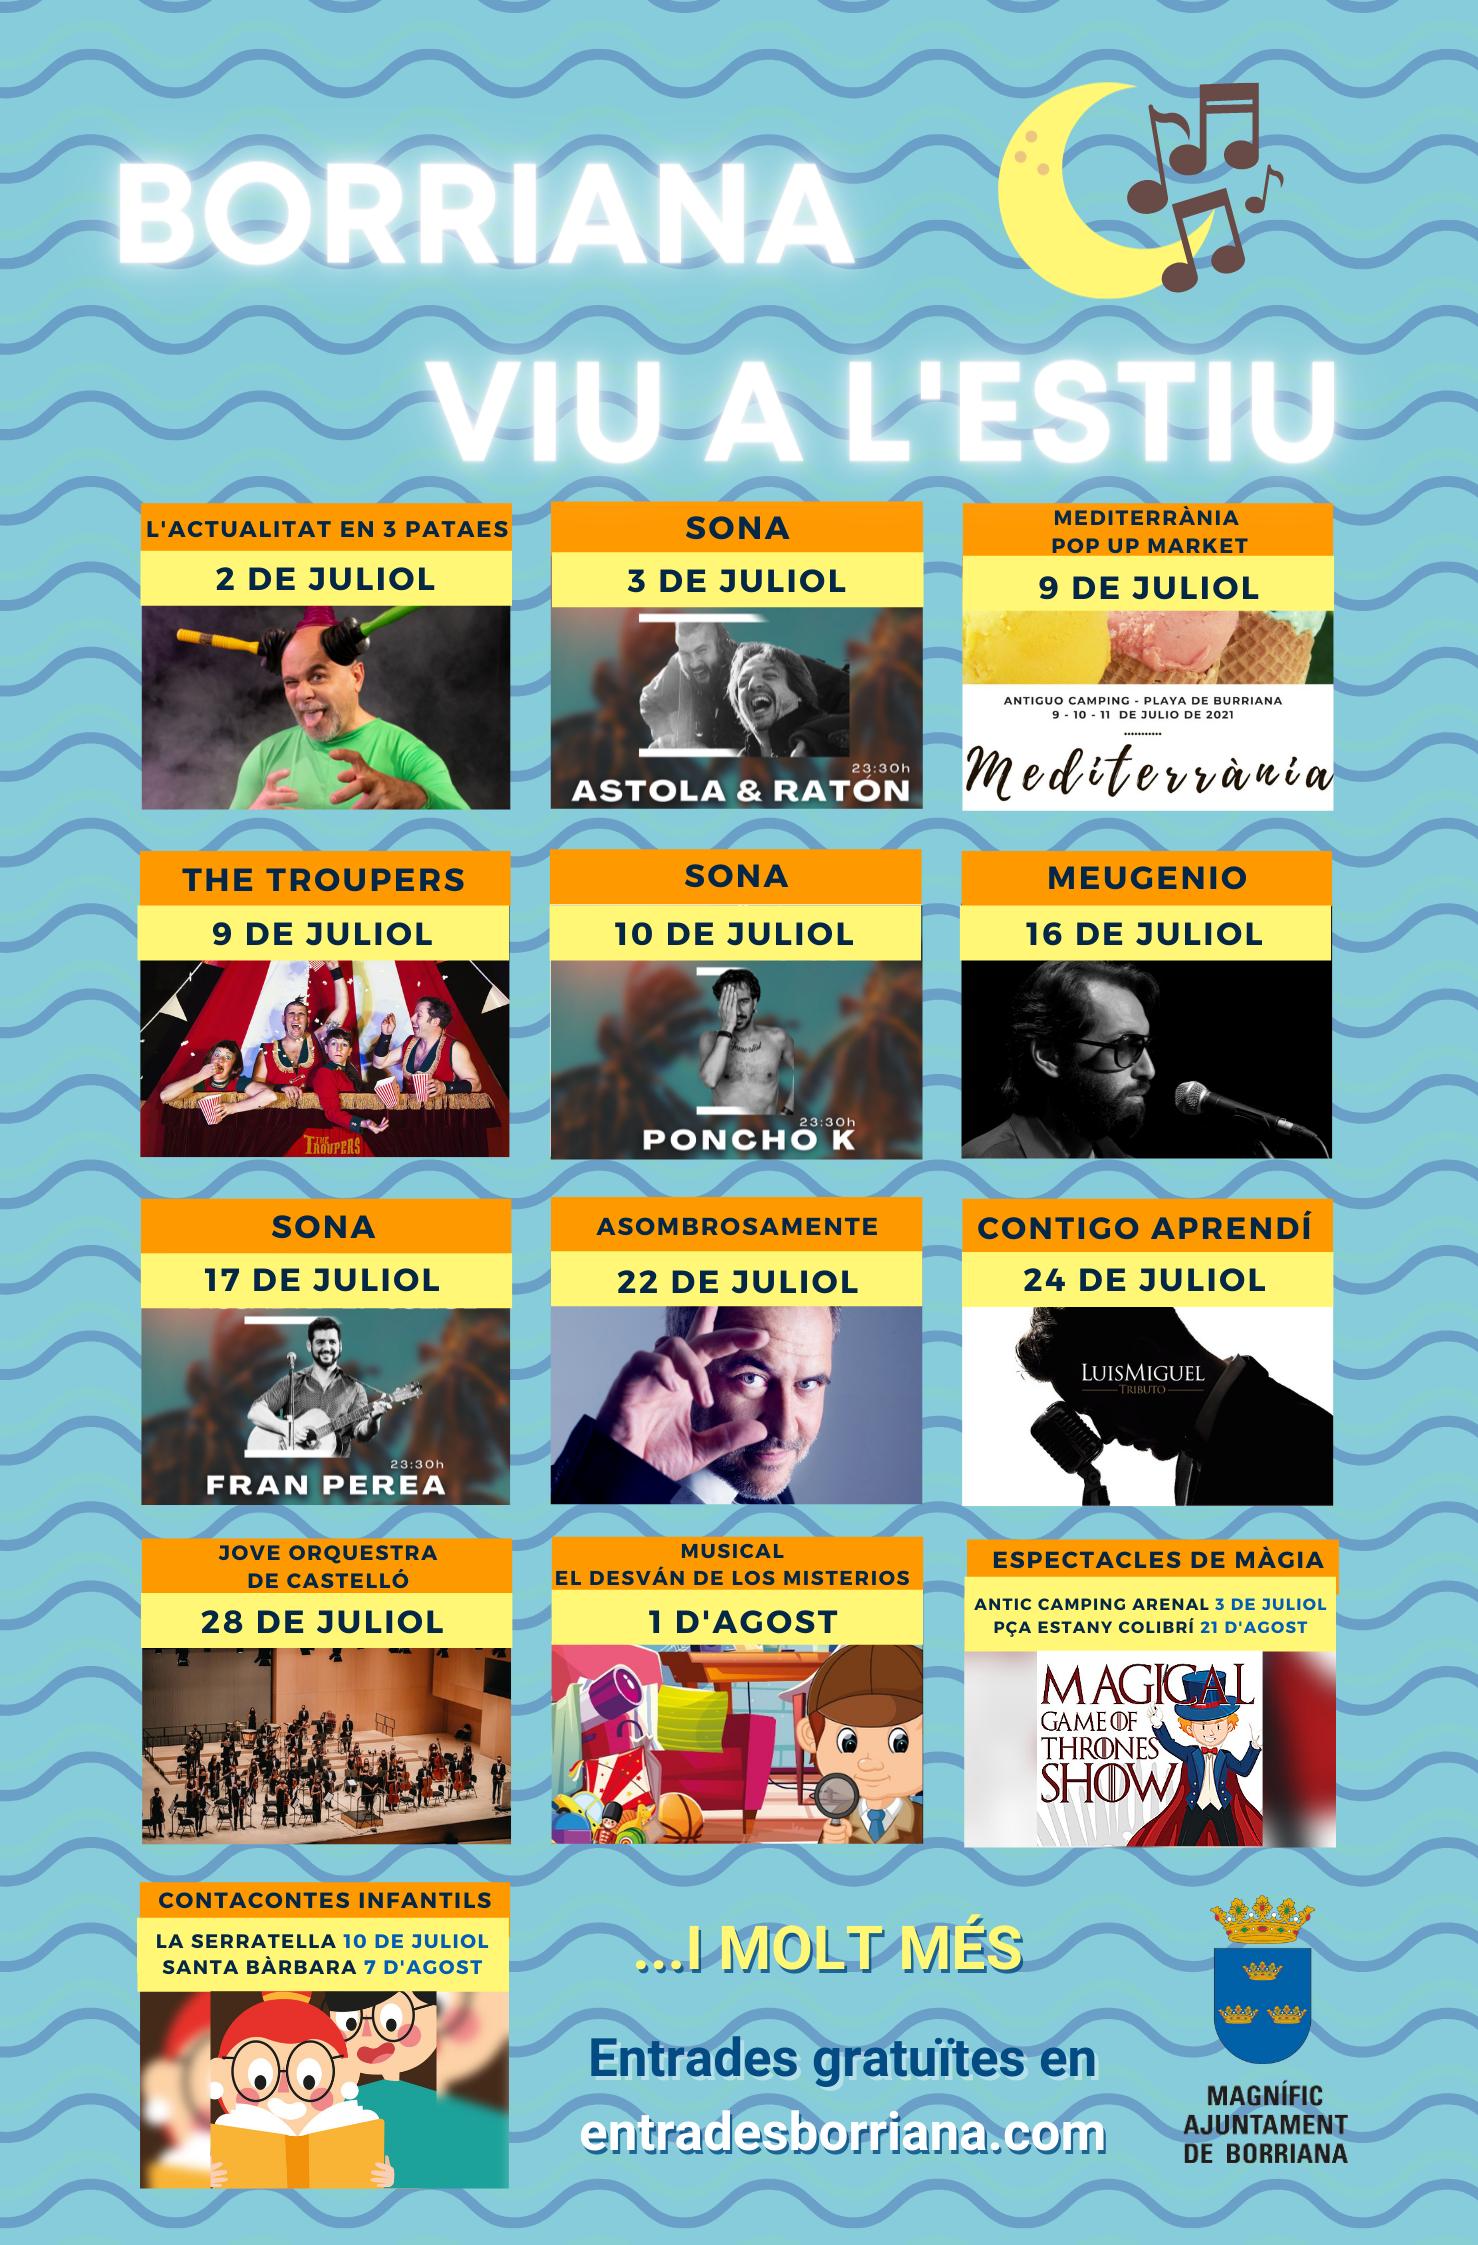 Comienza la programación de 'Borriana viu l'estiu' con  Xavi Castillo y la jornada más flamenca del Borriana Sona